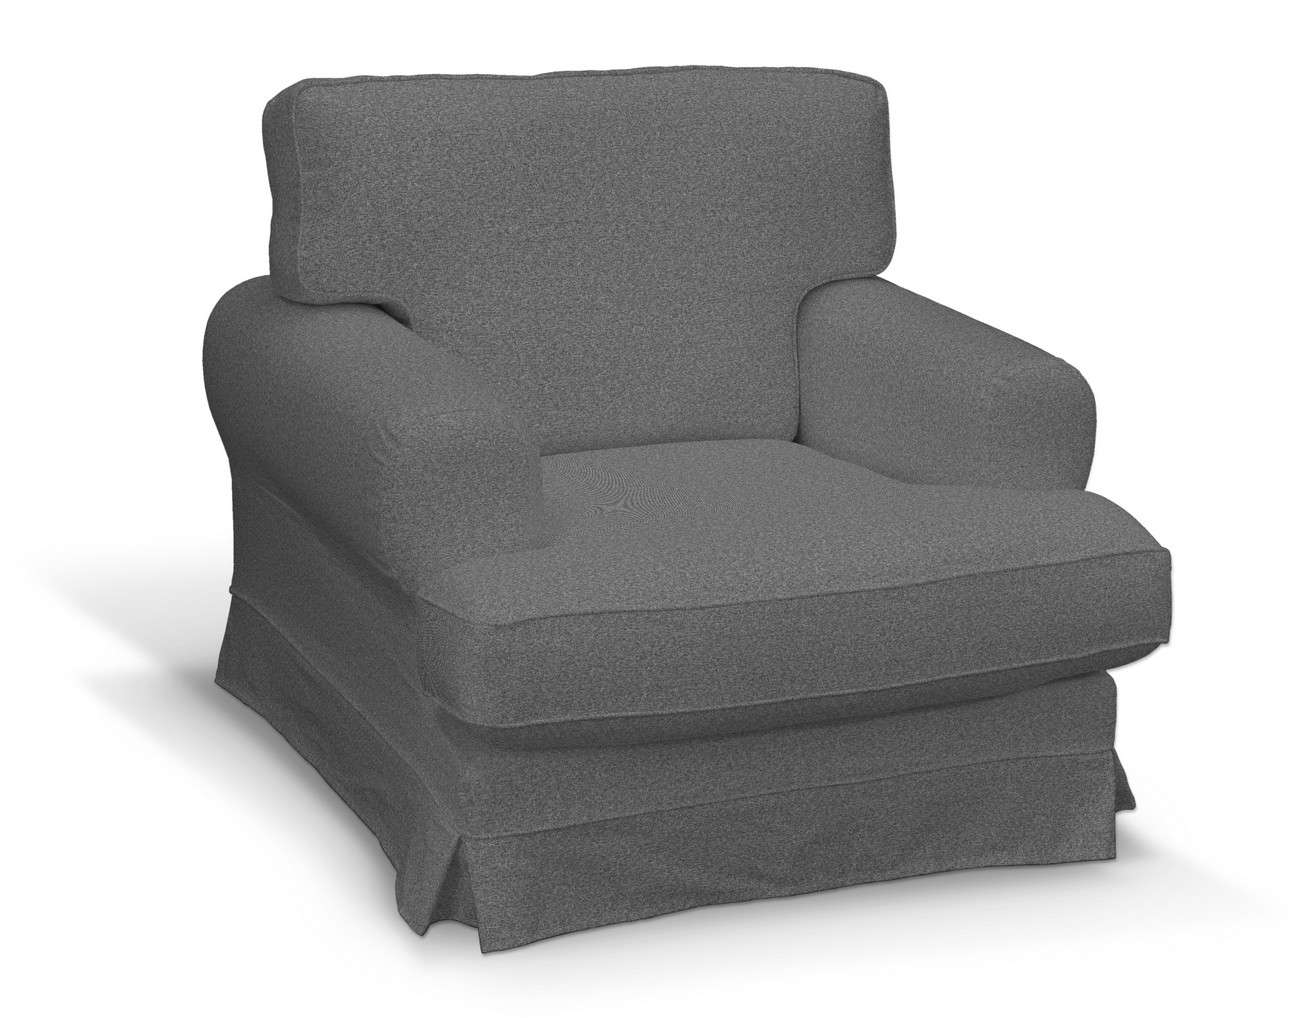 Pokrowiec na fotel Ekeskog w kolekcji Amsterdam, tkanina: 704-47